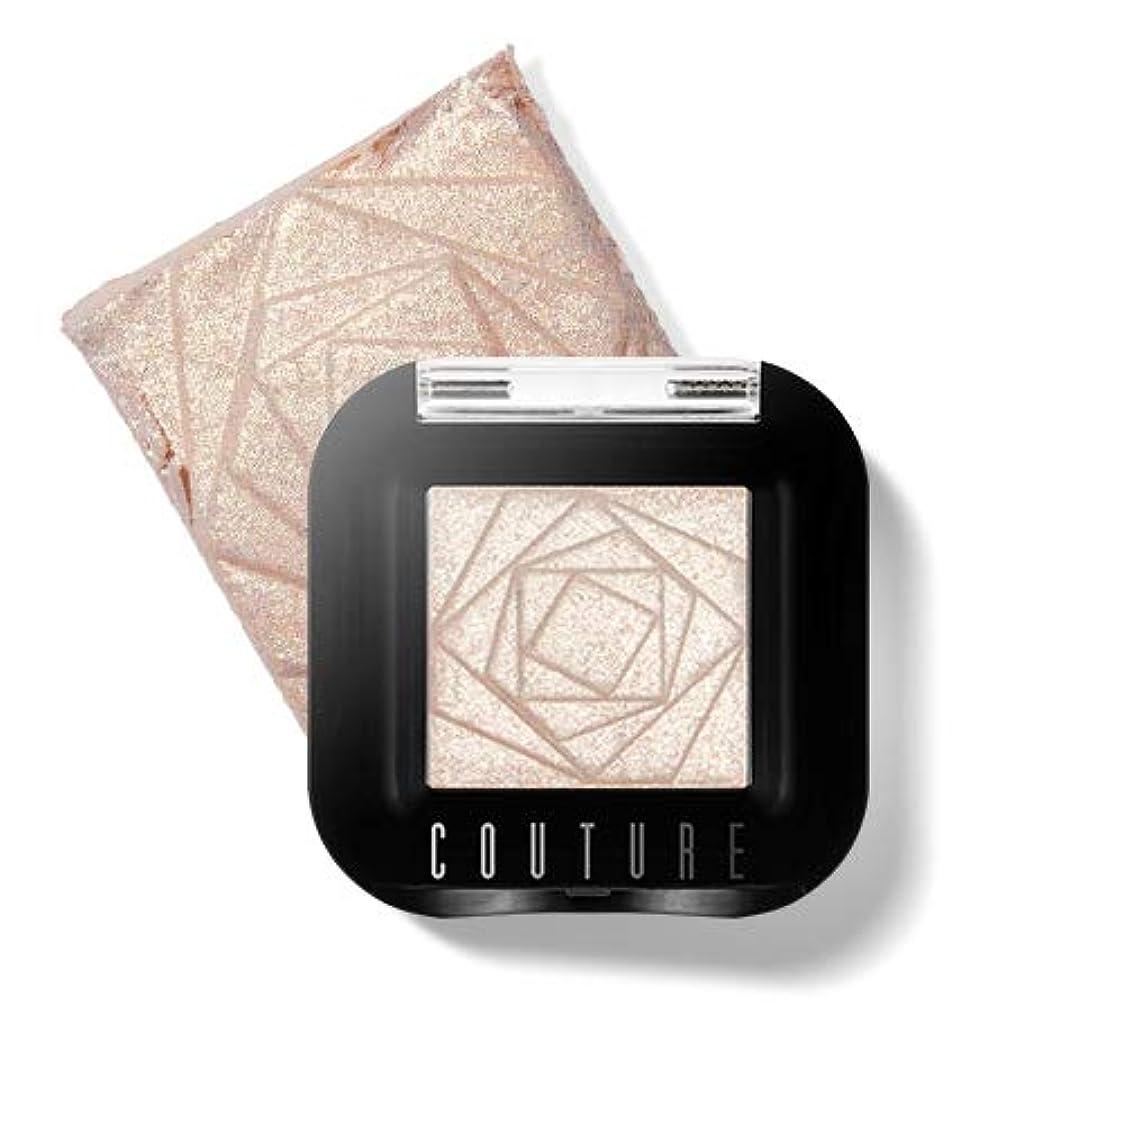 ファブリック効率的弁護APIEU Couture Shadow (# 26) /アピュ/オピュ クチュールシャドウ 1.7g [並行輸入品]